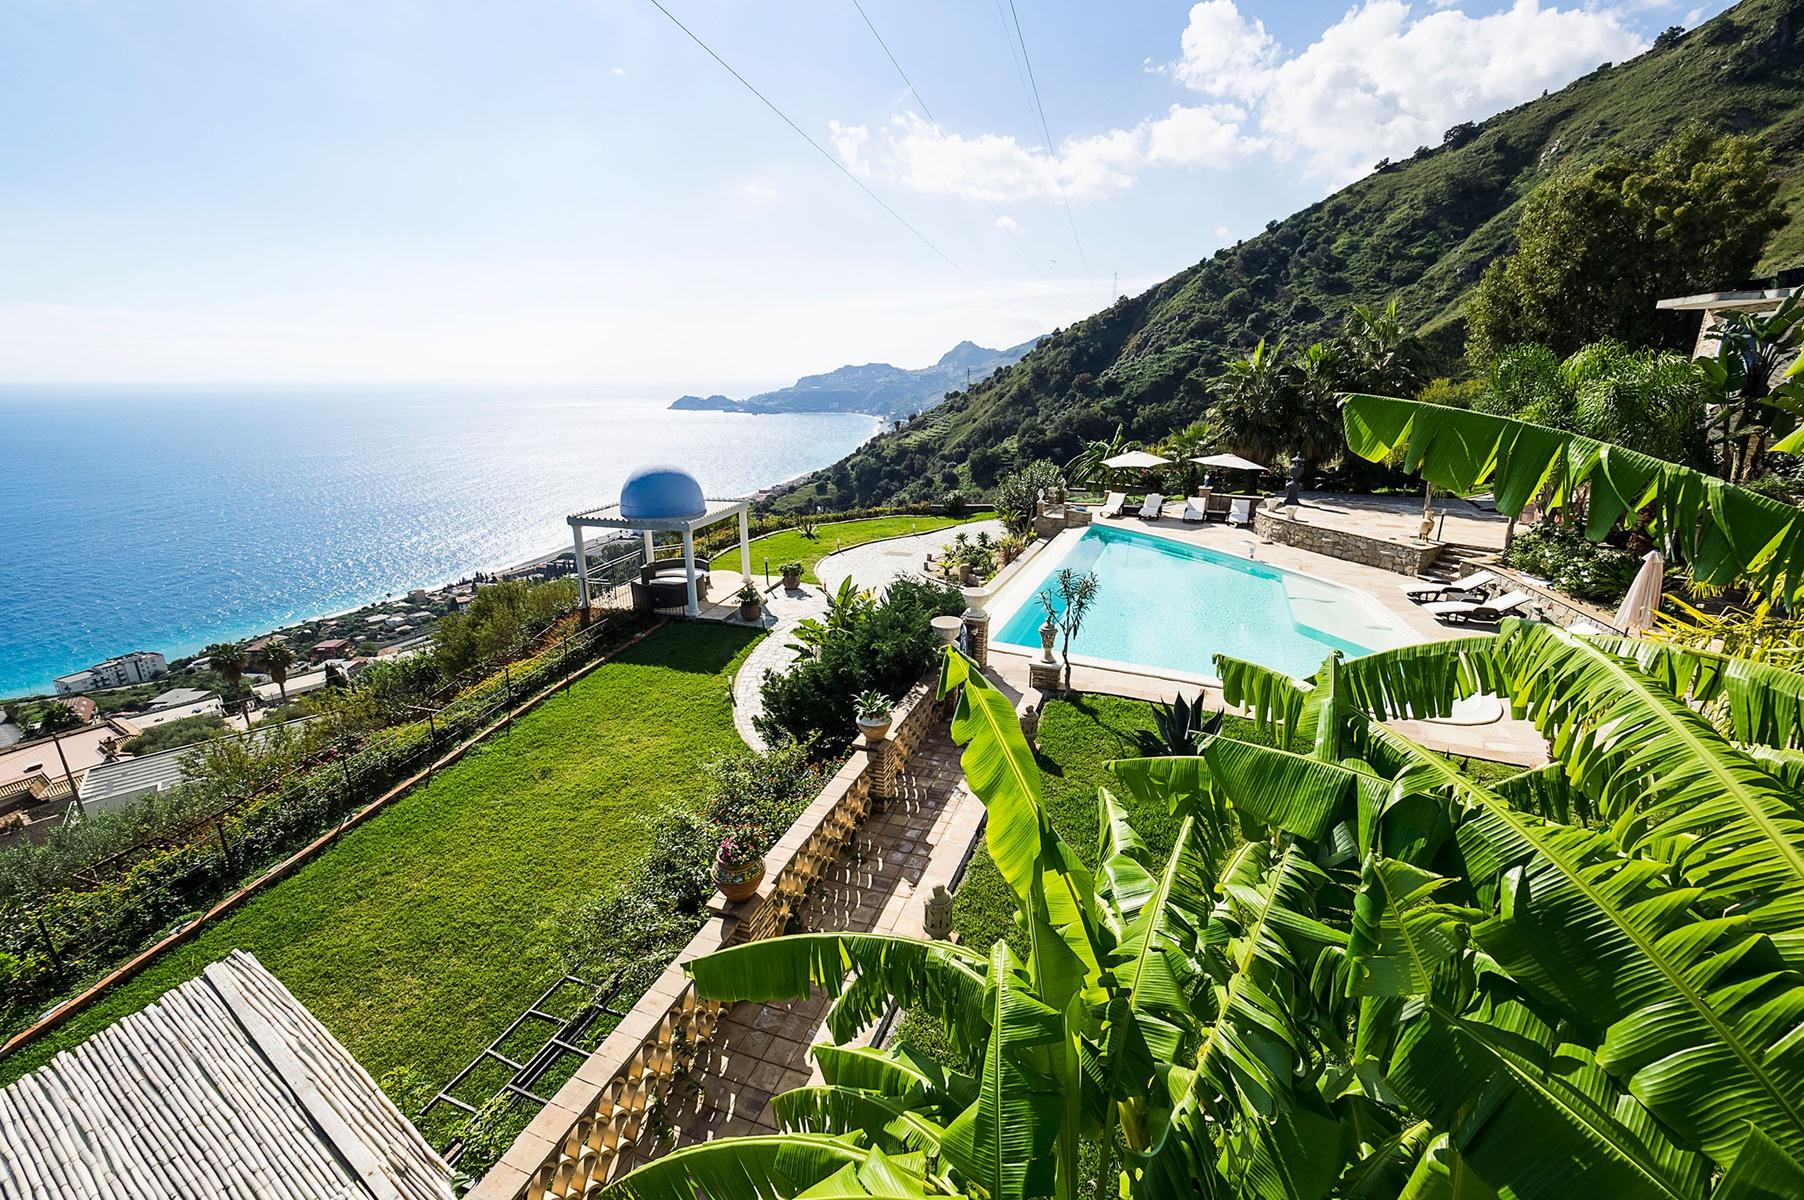 sicily area information discover taormina holiday villa sea garden pool coastline